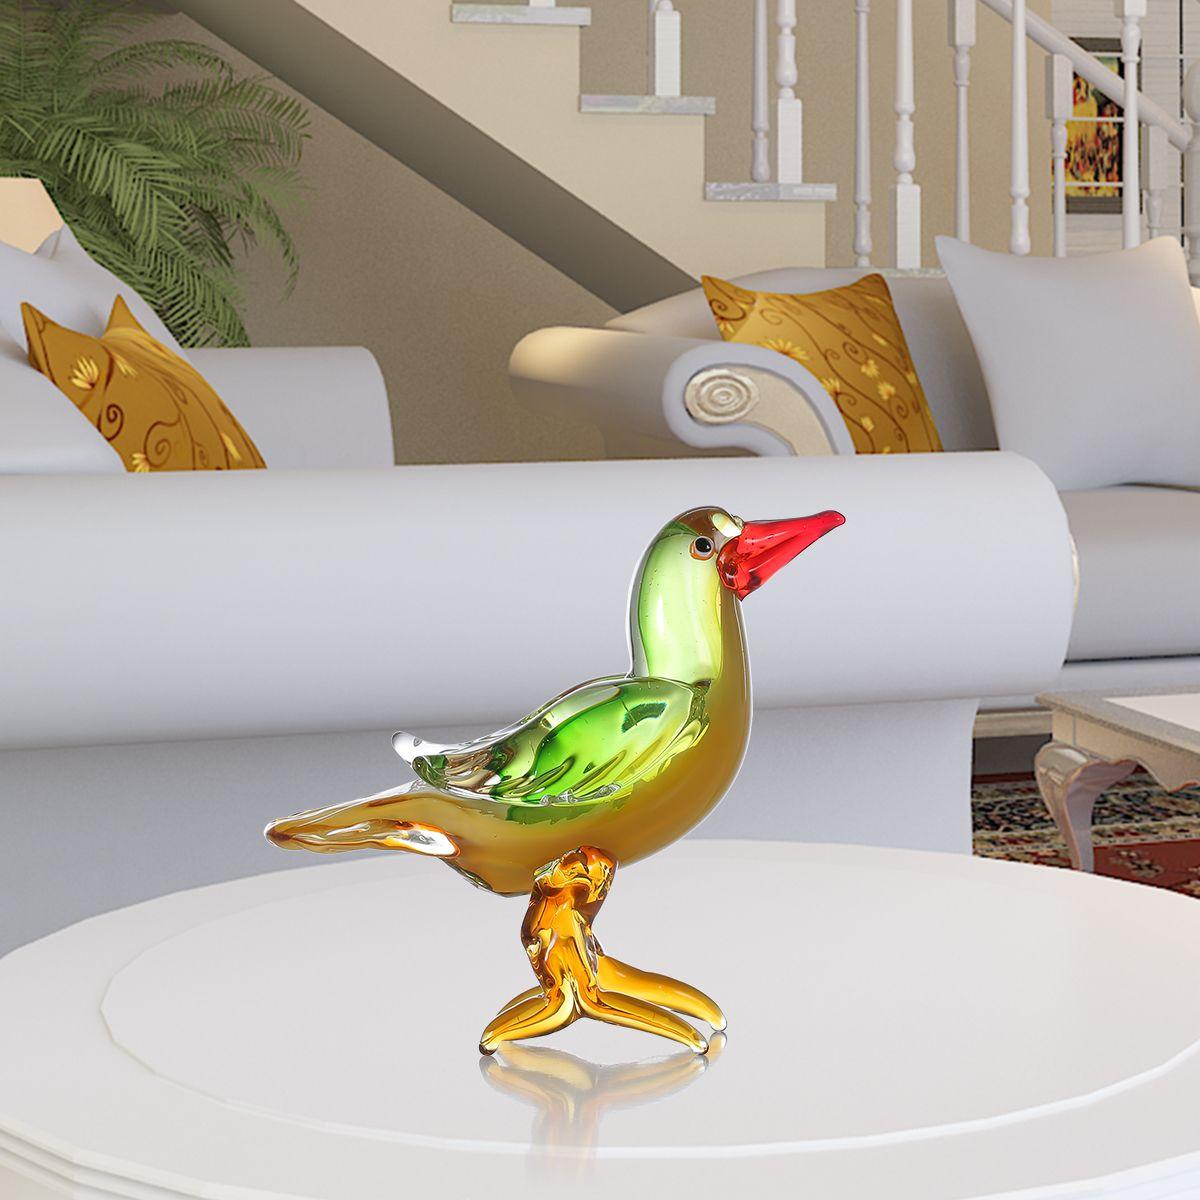 Glass sculpture home decor